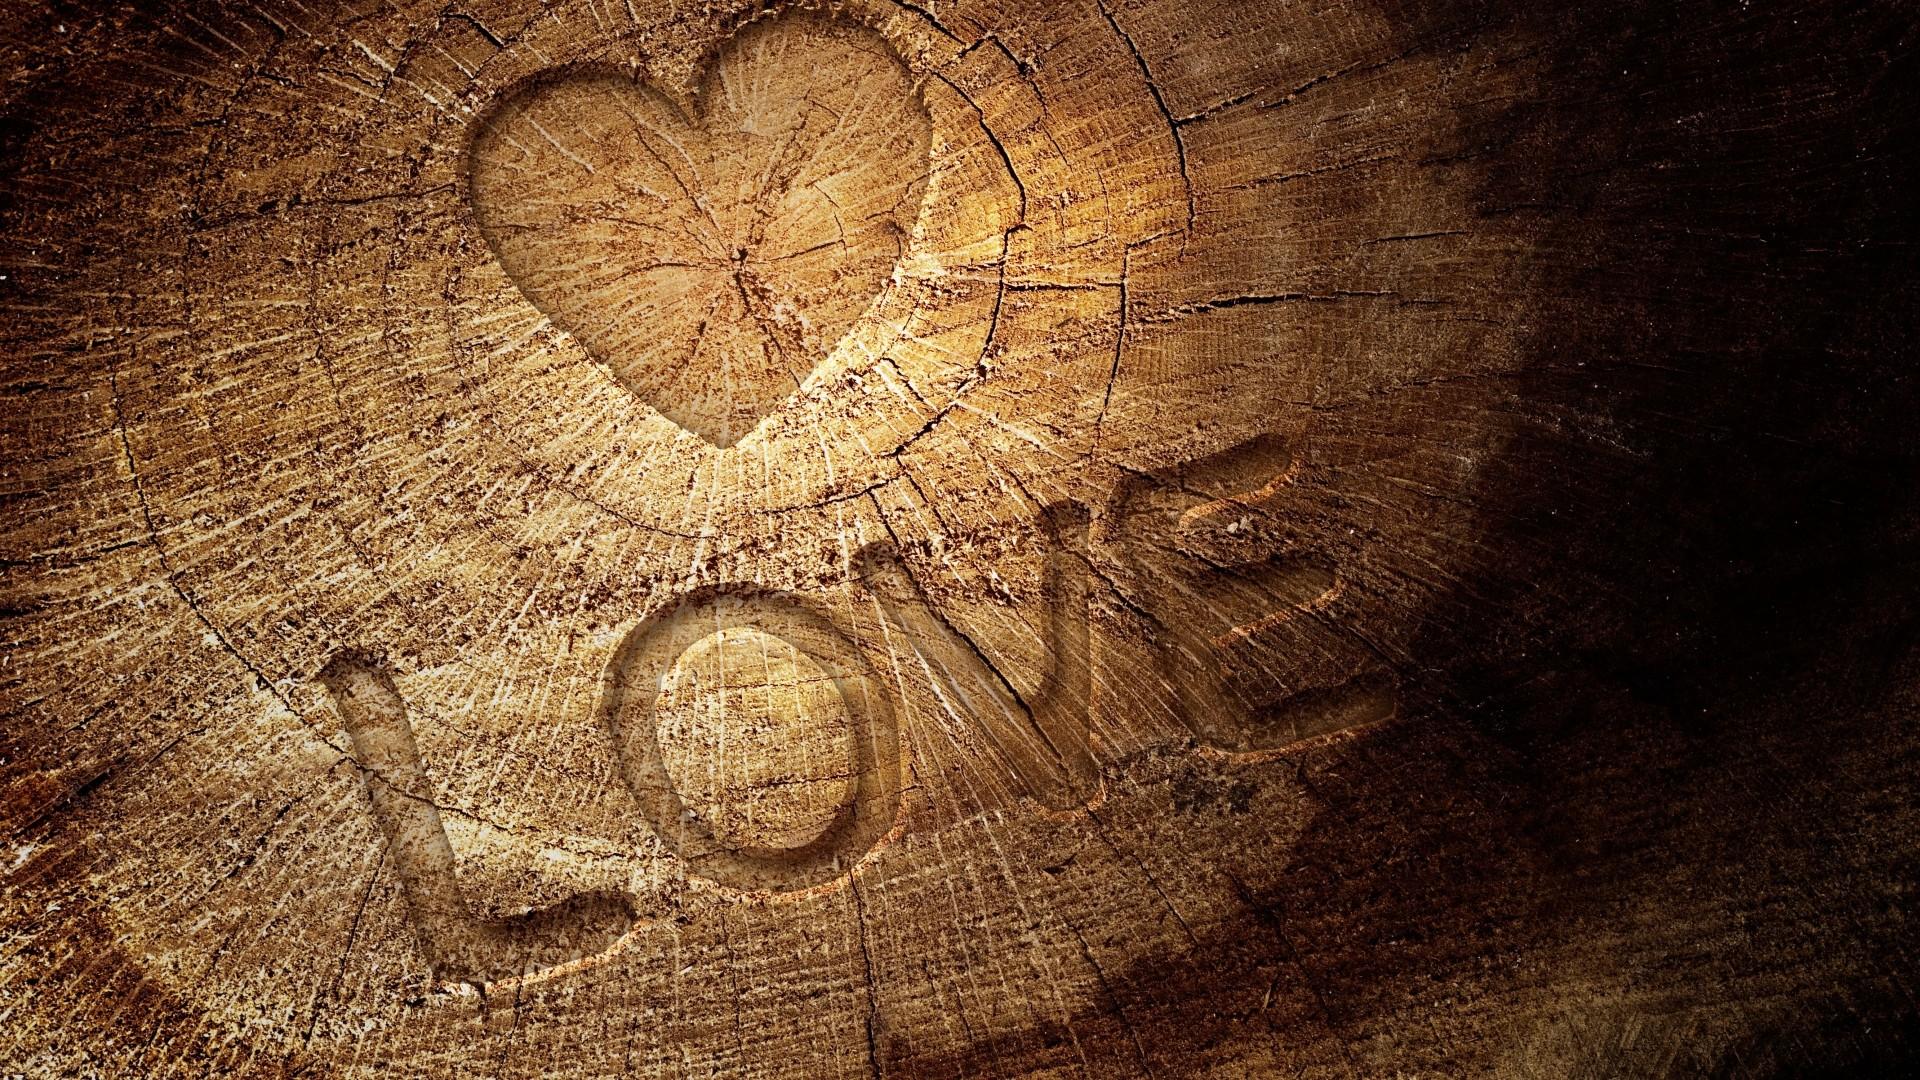 1920x1080 Wallpaper Love Stump Sign Heart